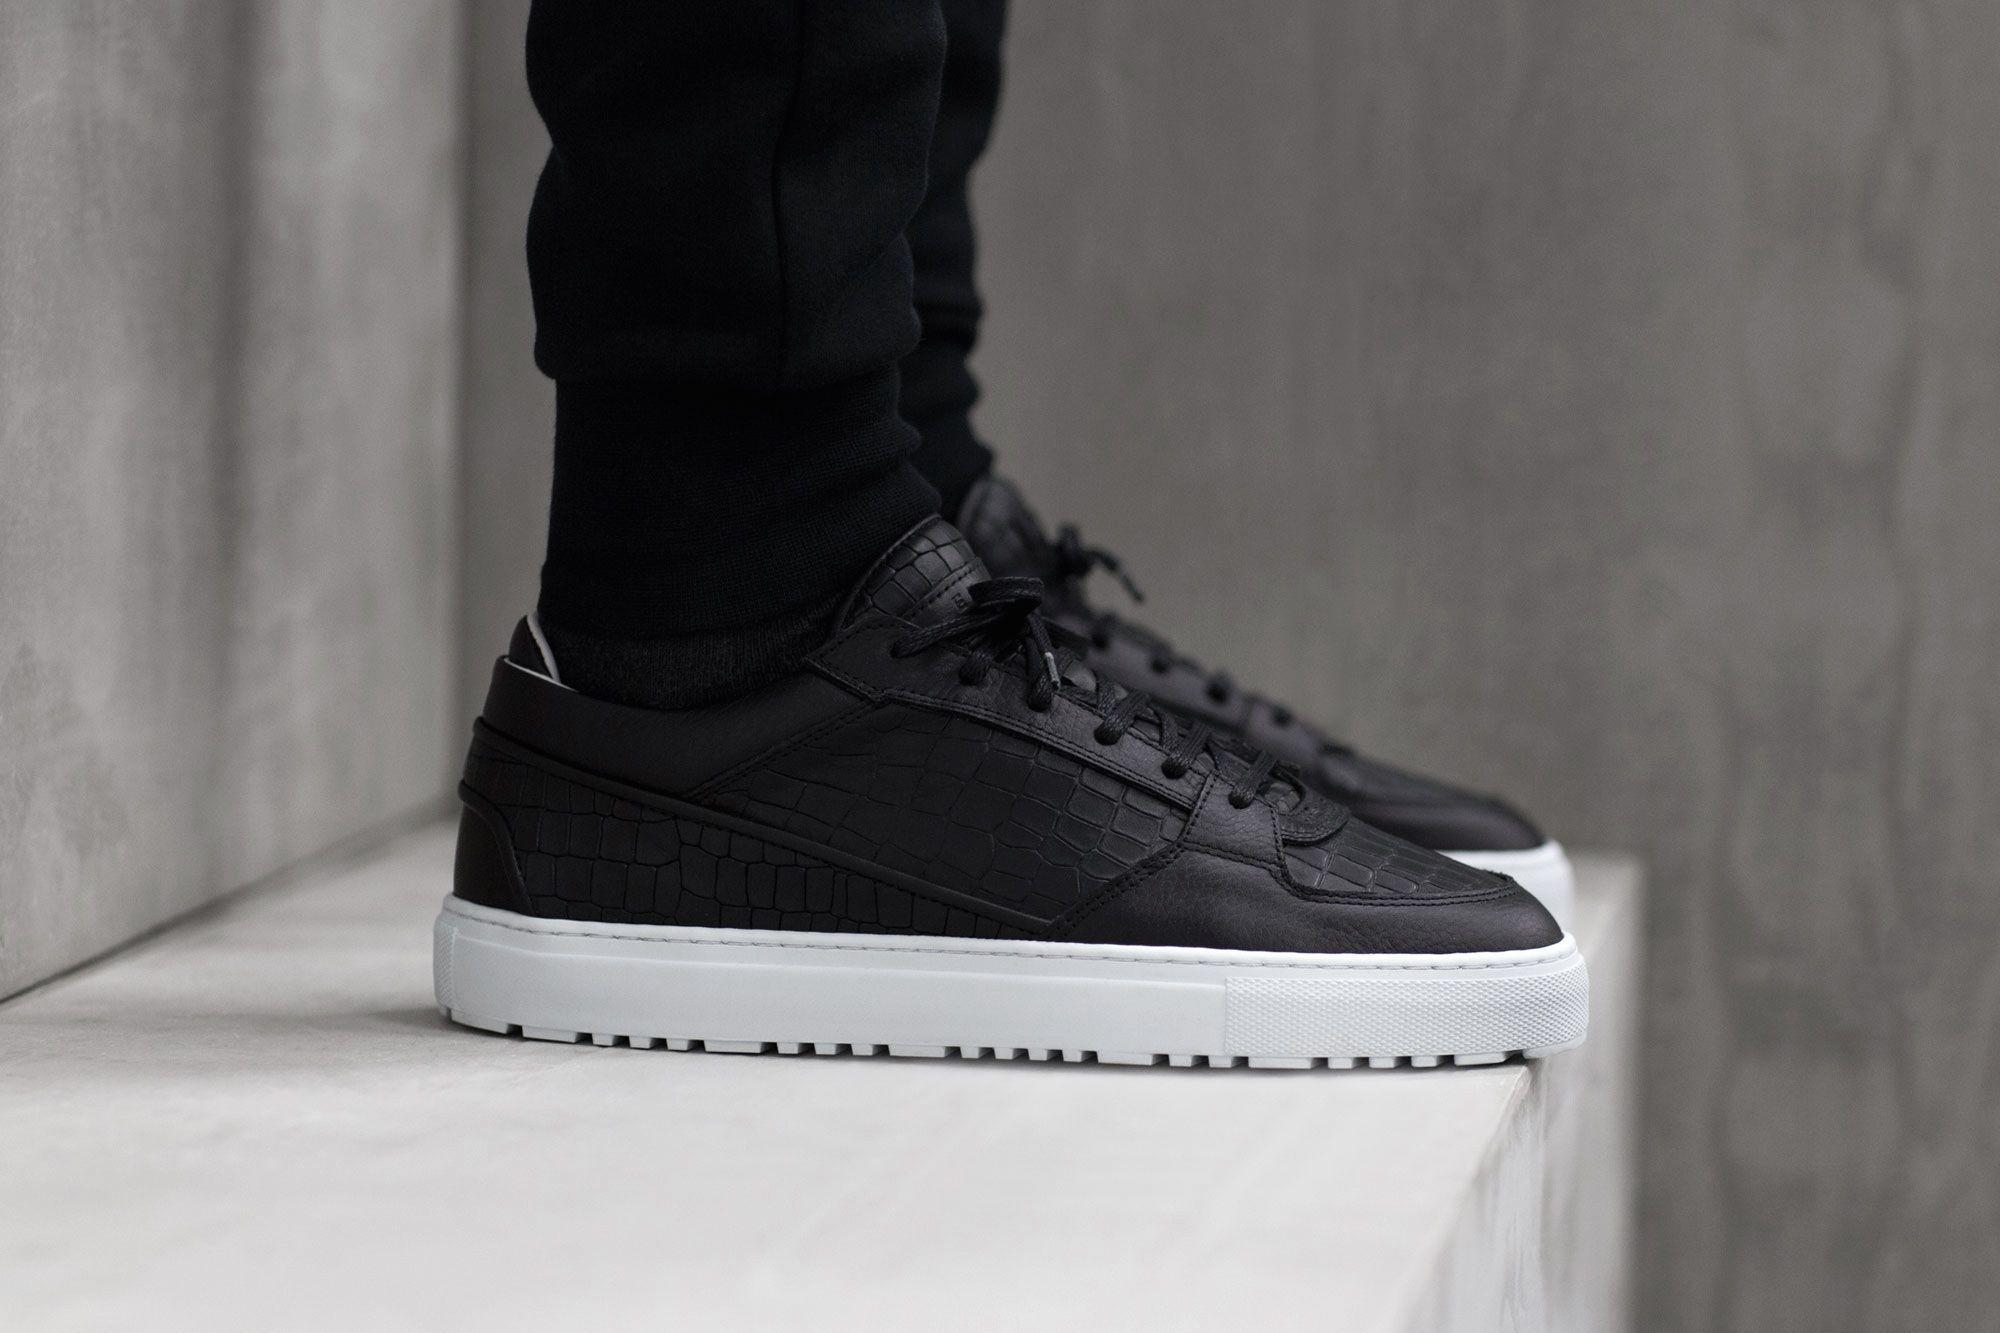 d68832760fb ETQ Amsterdam: Embossed Croc Pack | Street Sneakers | Adidas ...